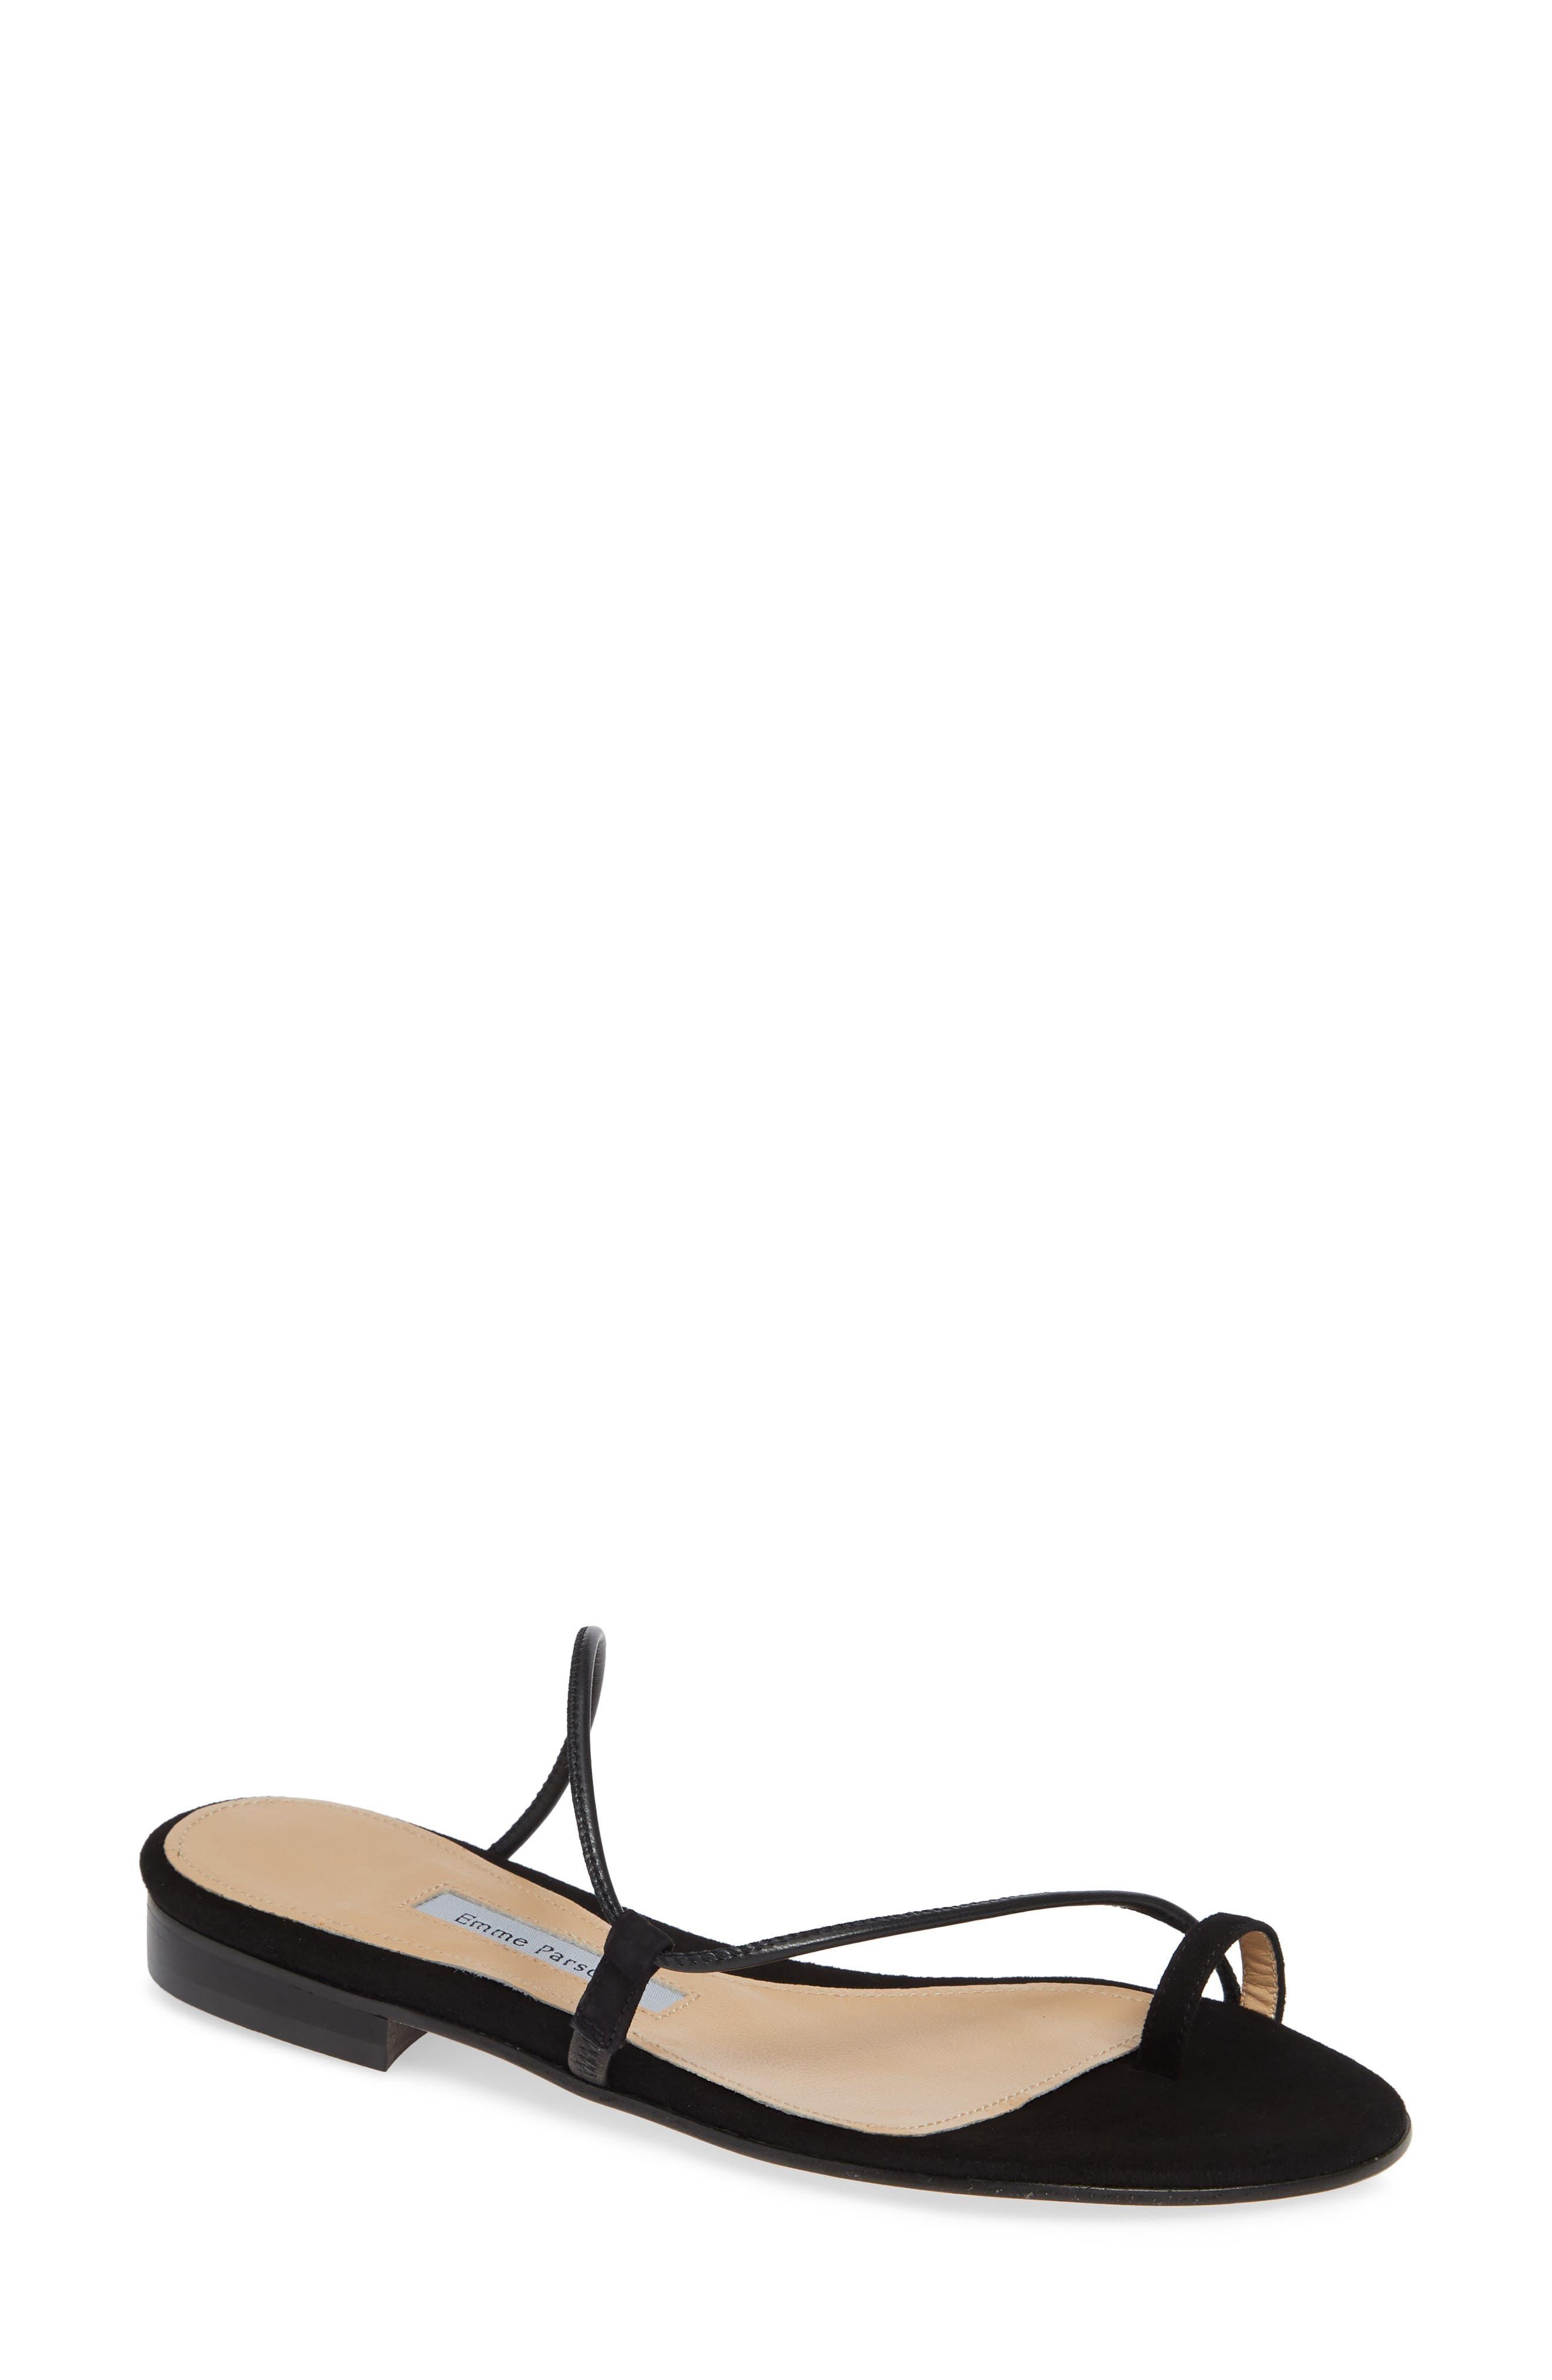 EMME PARSONS Susan Slide Sandal in Black